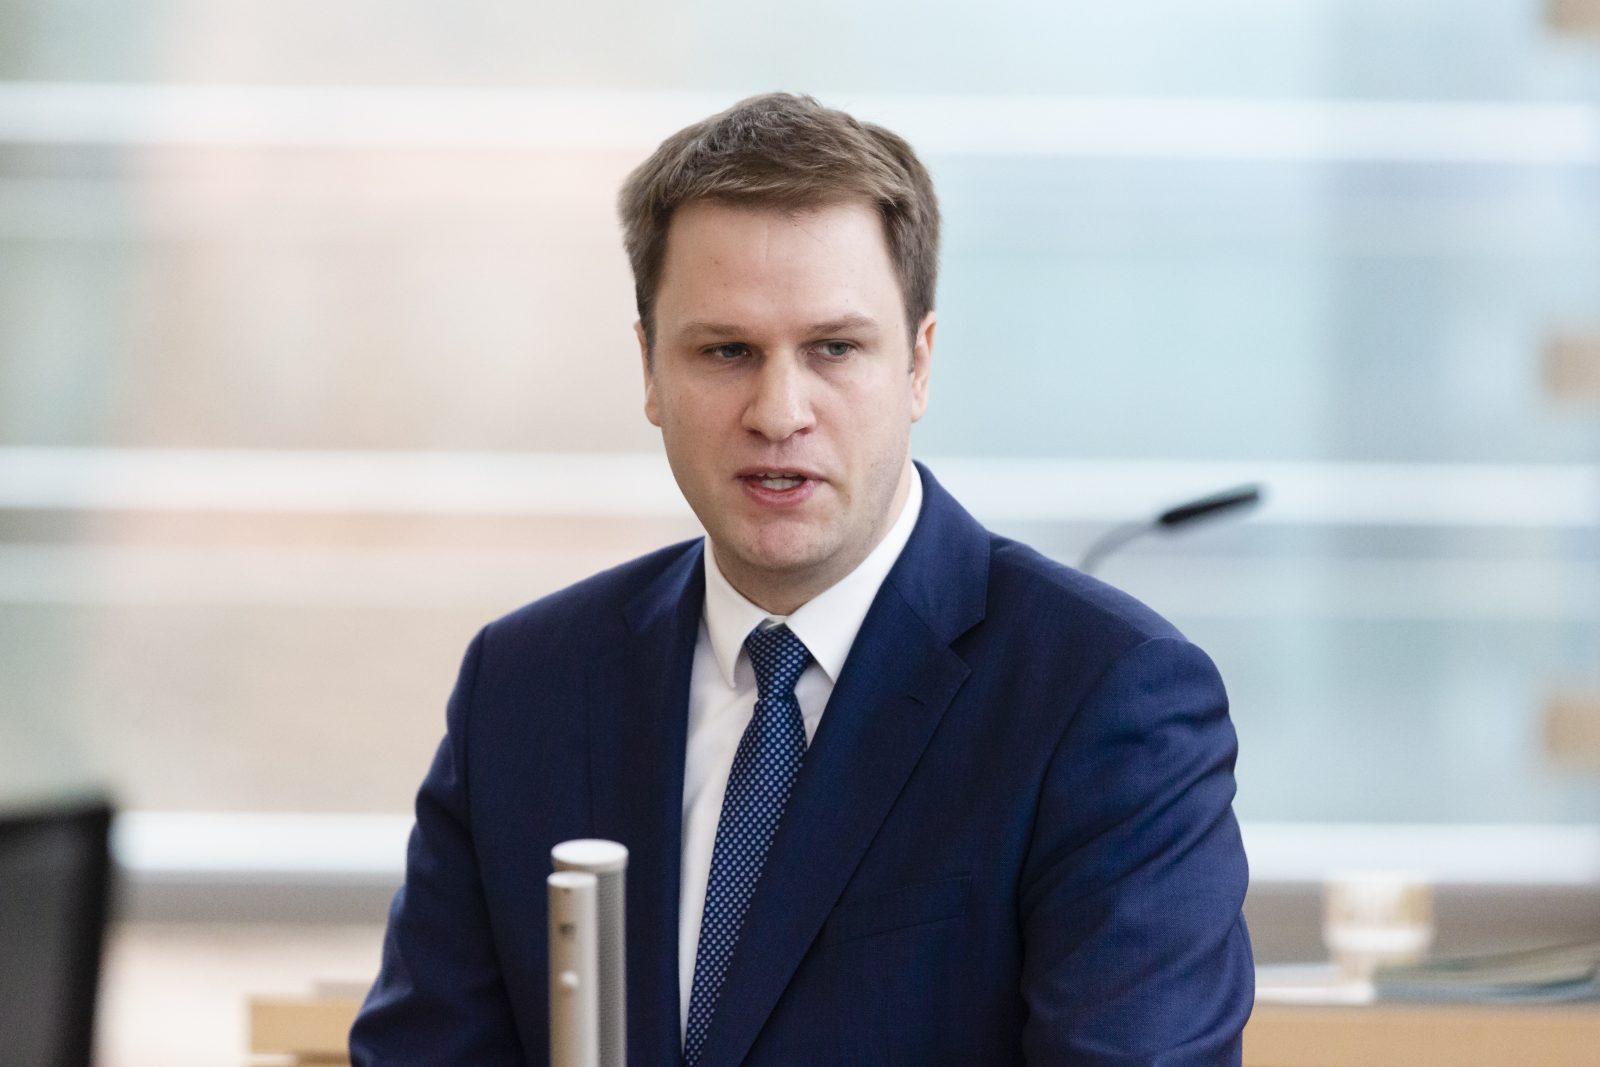 Der FDP-Fraktionsvorsitzende im Landtag von Schleswig-Holstein, Christopher Vogt Foto: picture alliance/Frank Molter/dpa